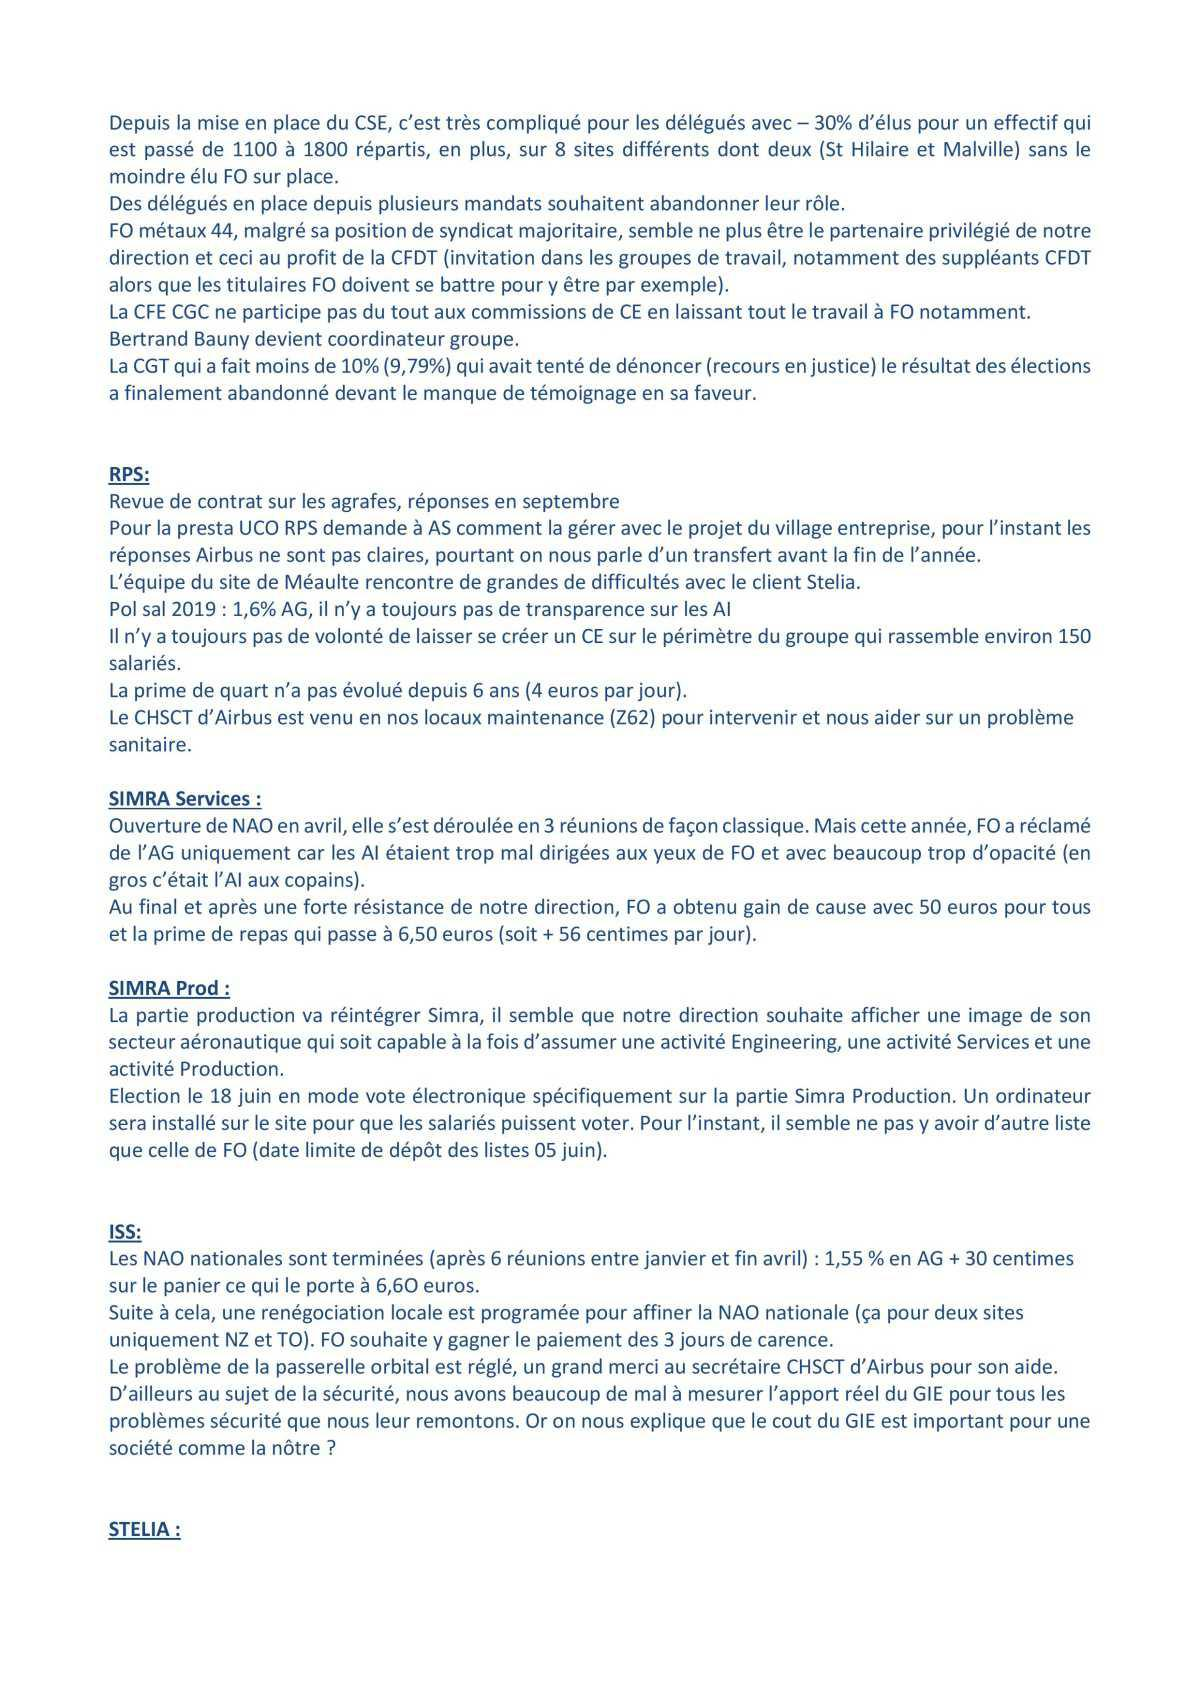 Coordination partenaires industriels du 14 mai 2019